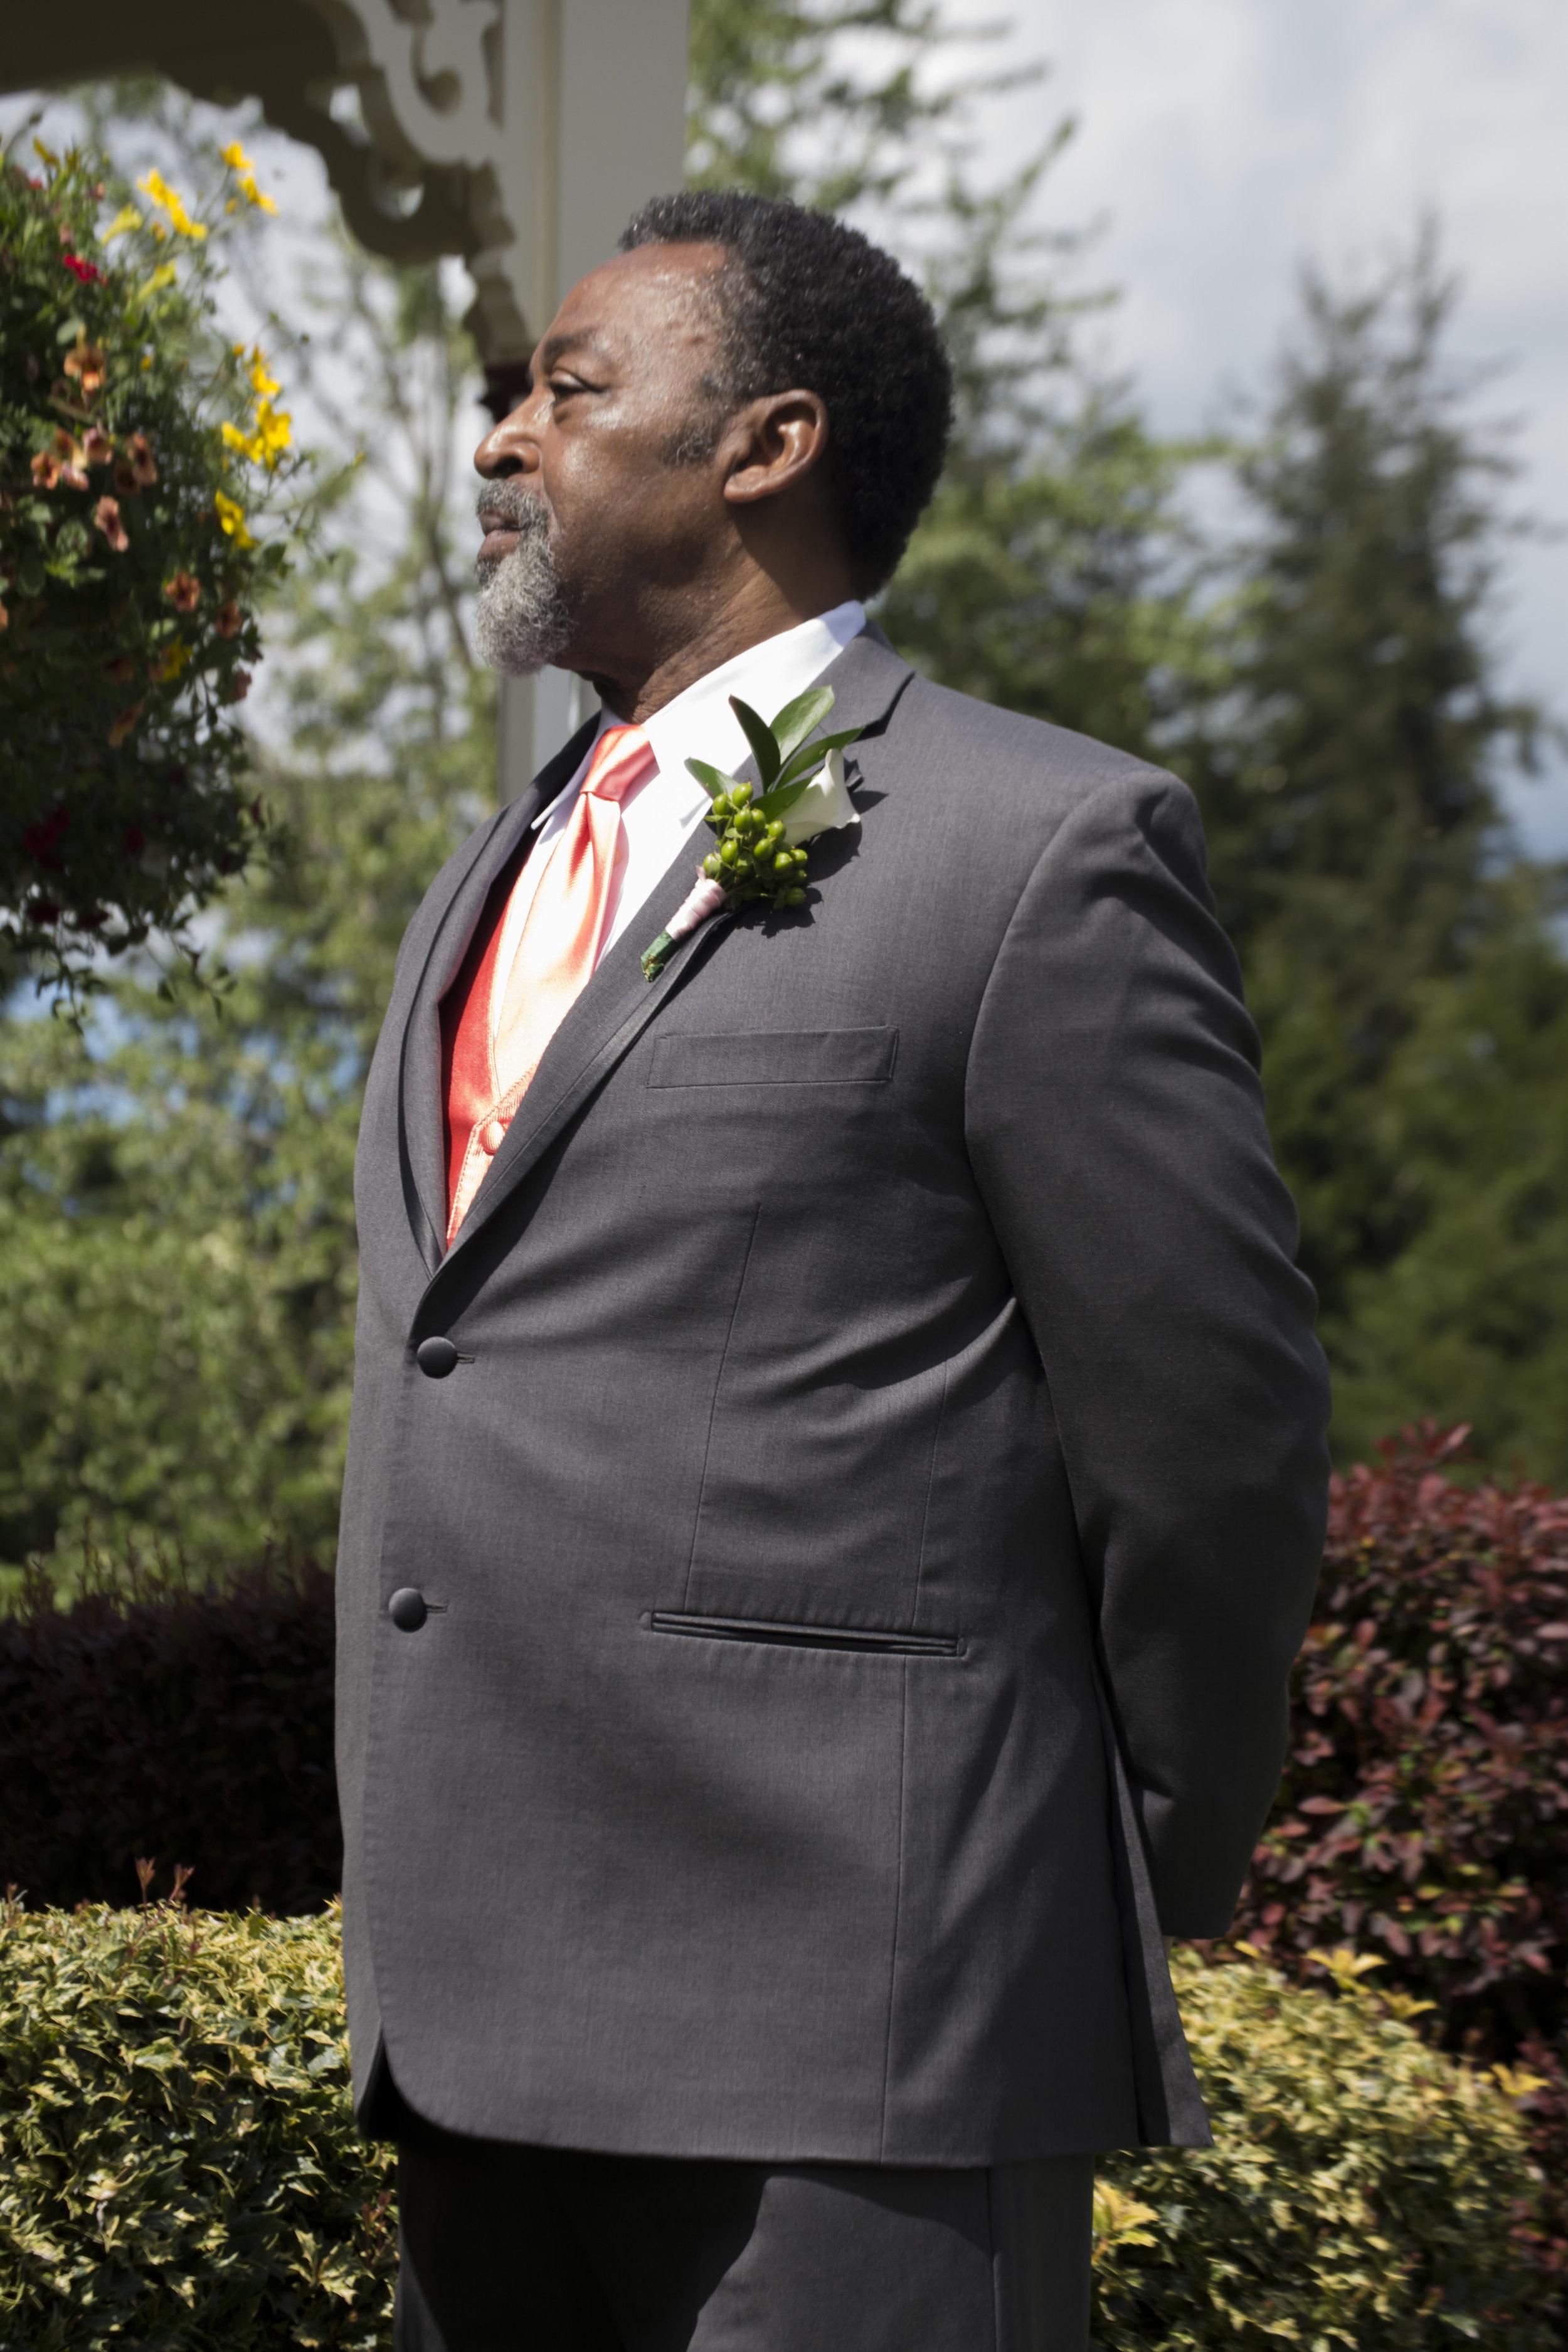 JR_wedding_199.JPG